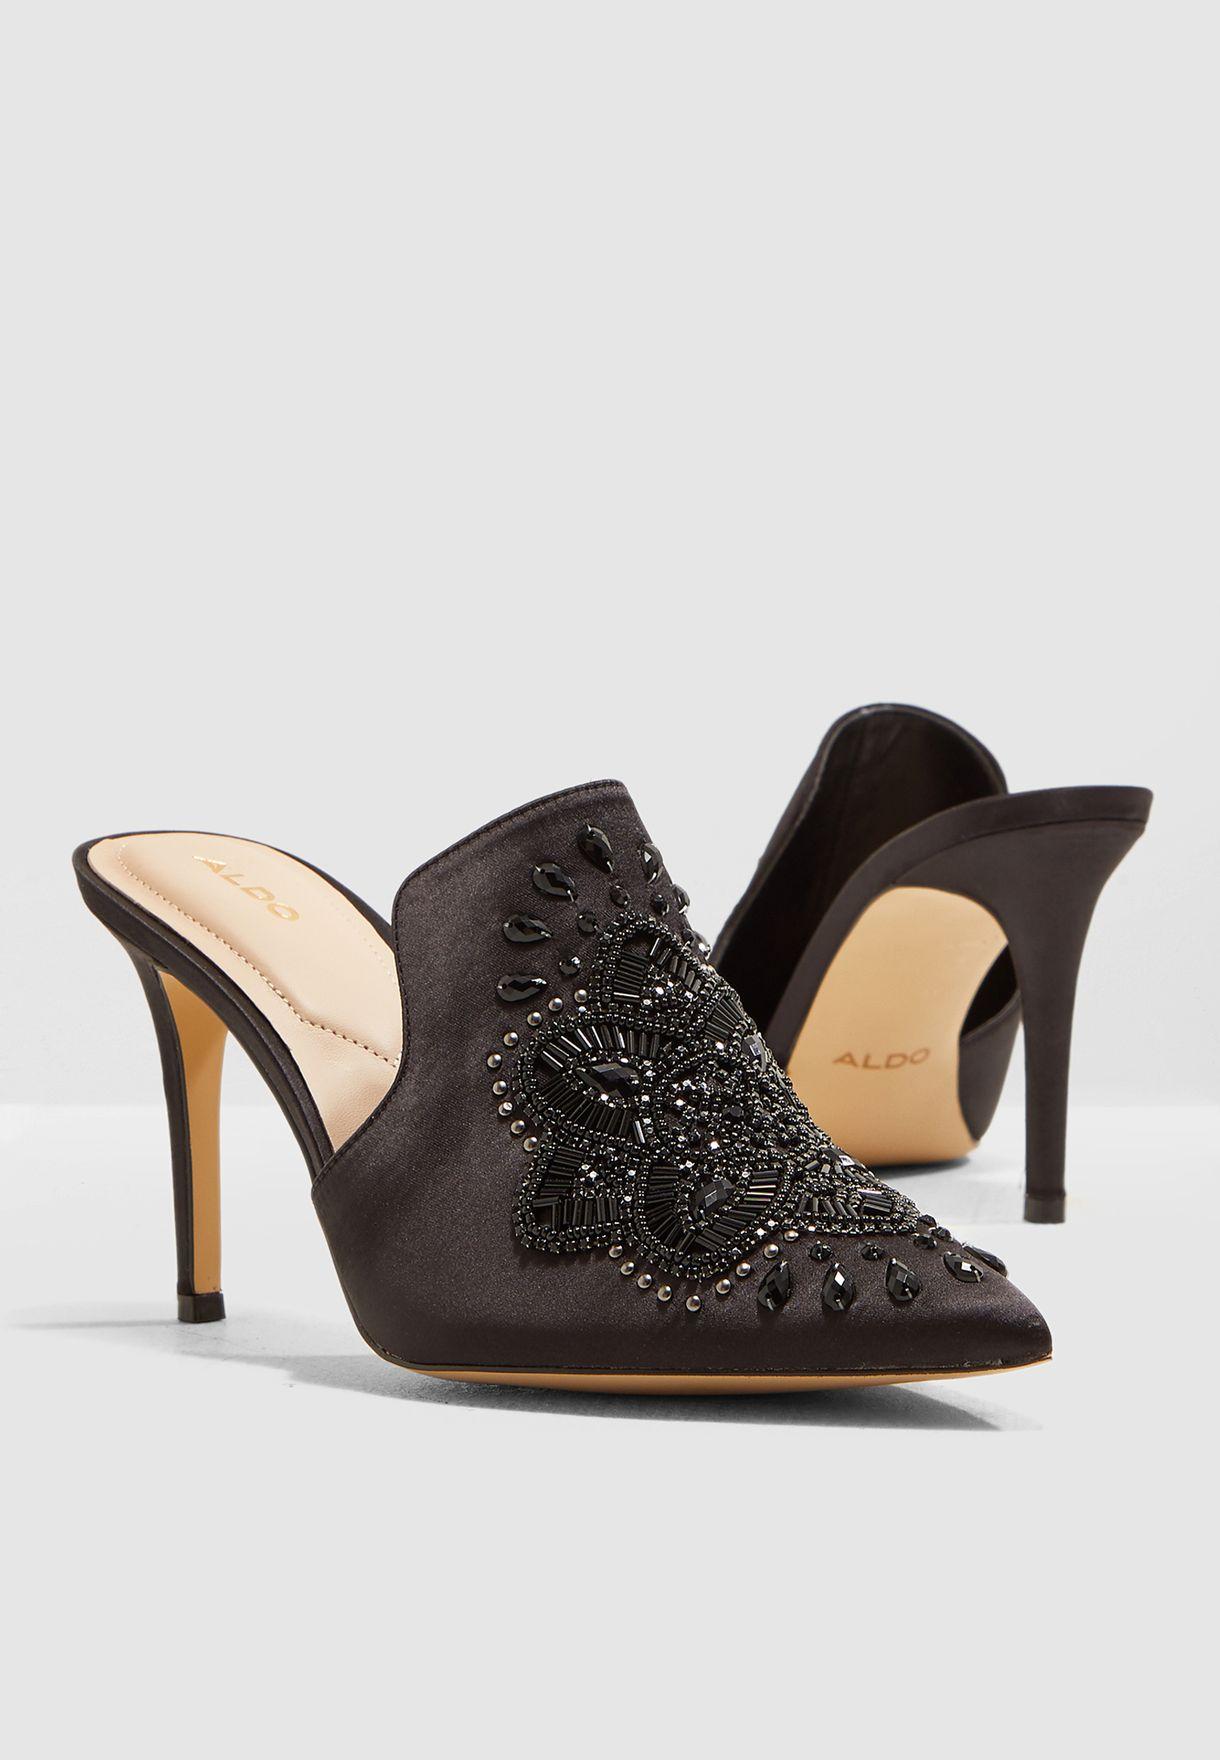 6bd09e50687ebd Shop Aldo black Unoreniel Pump UNORENIEL94 for Women in UAE ...